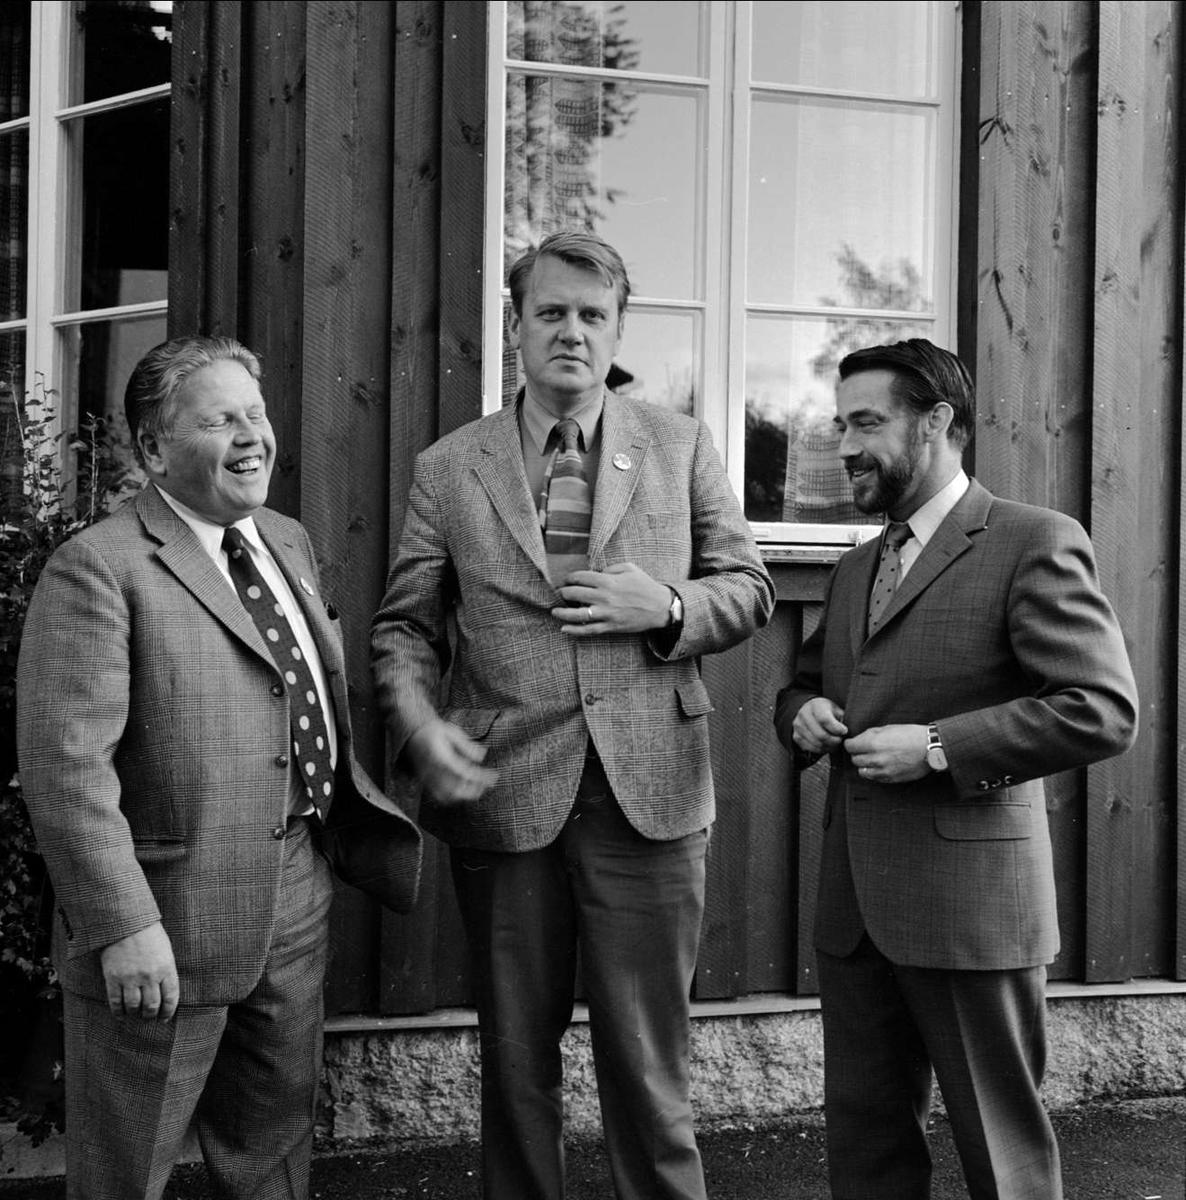 Tre män, Gryttjom, Tierps socken, Uppland 1973